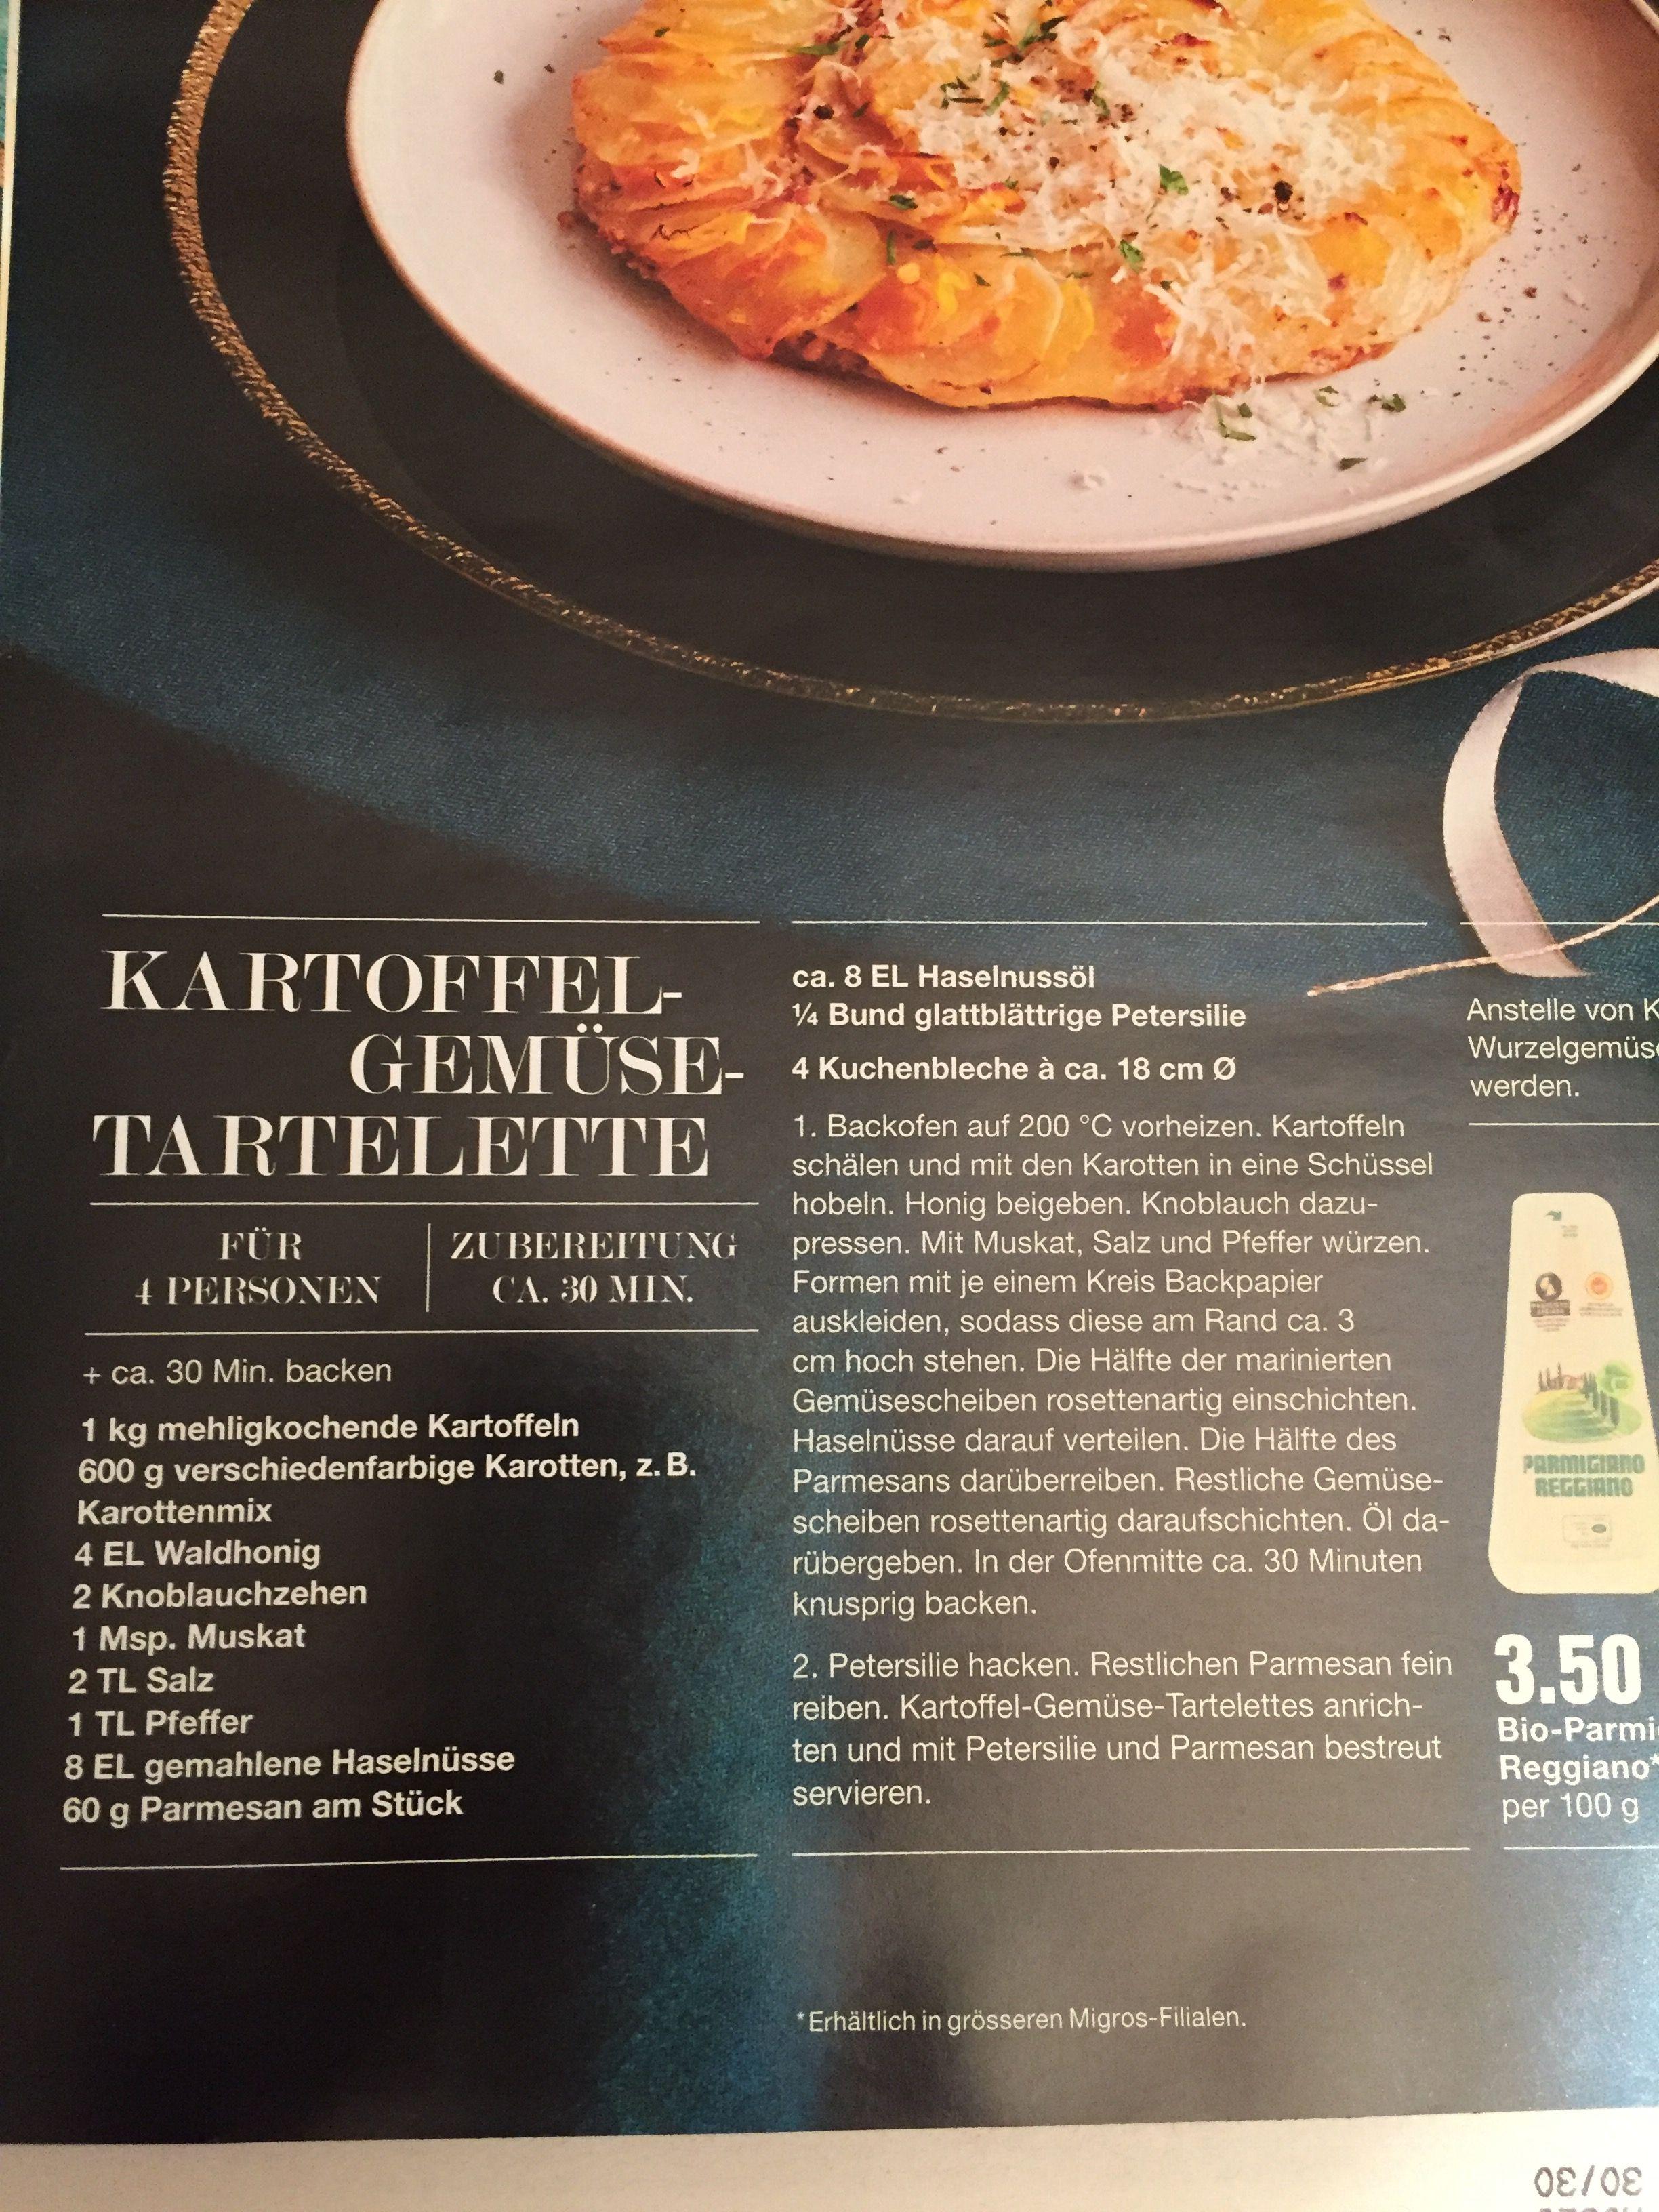 Pin Von Annameier Auf Vegi Zubereitung Kohlrabigemuse Rezept Karotten